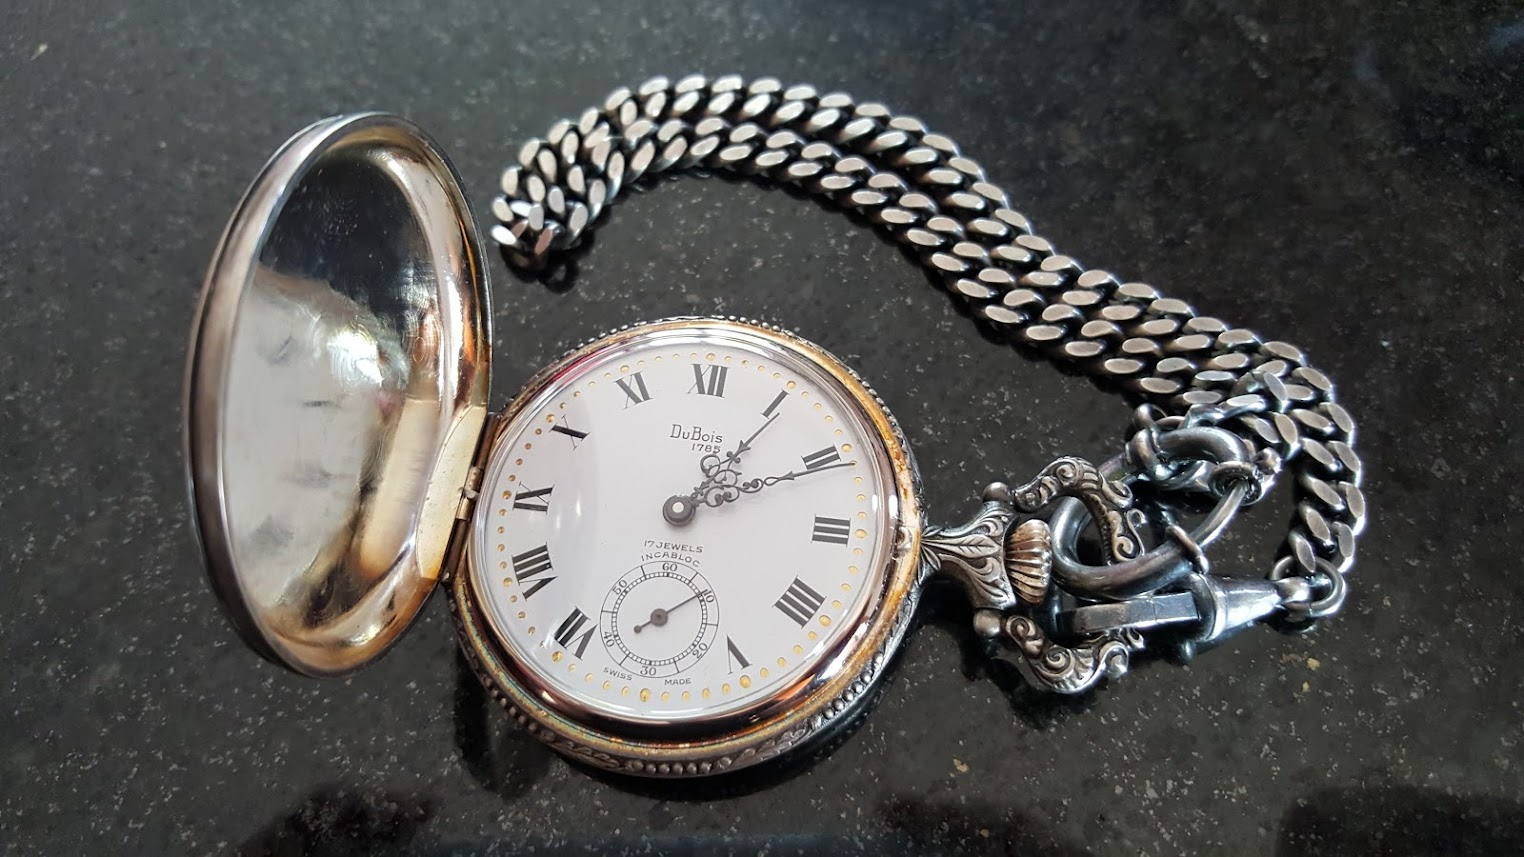 Les plus belles montres de gousset des membres du forum - Page 7 20151111_131303